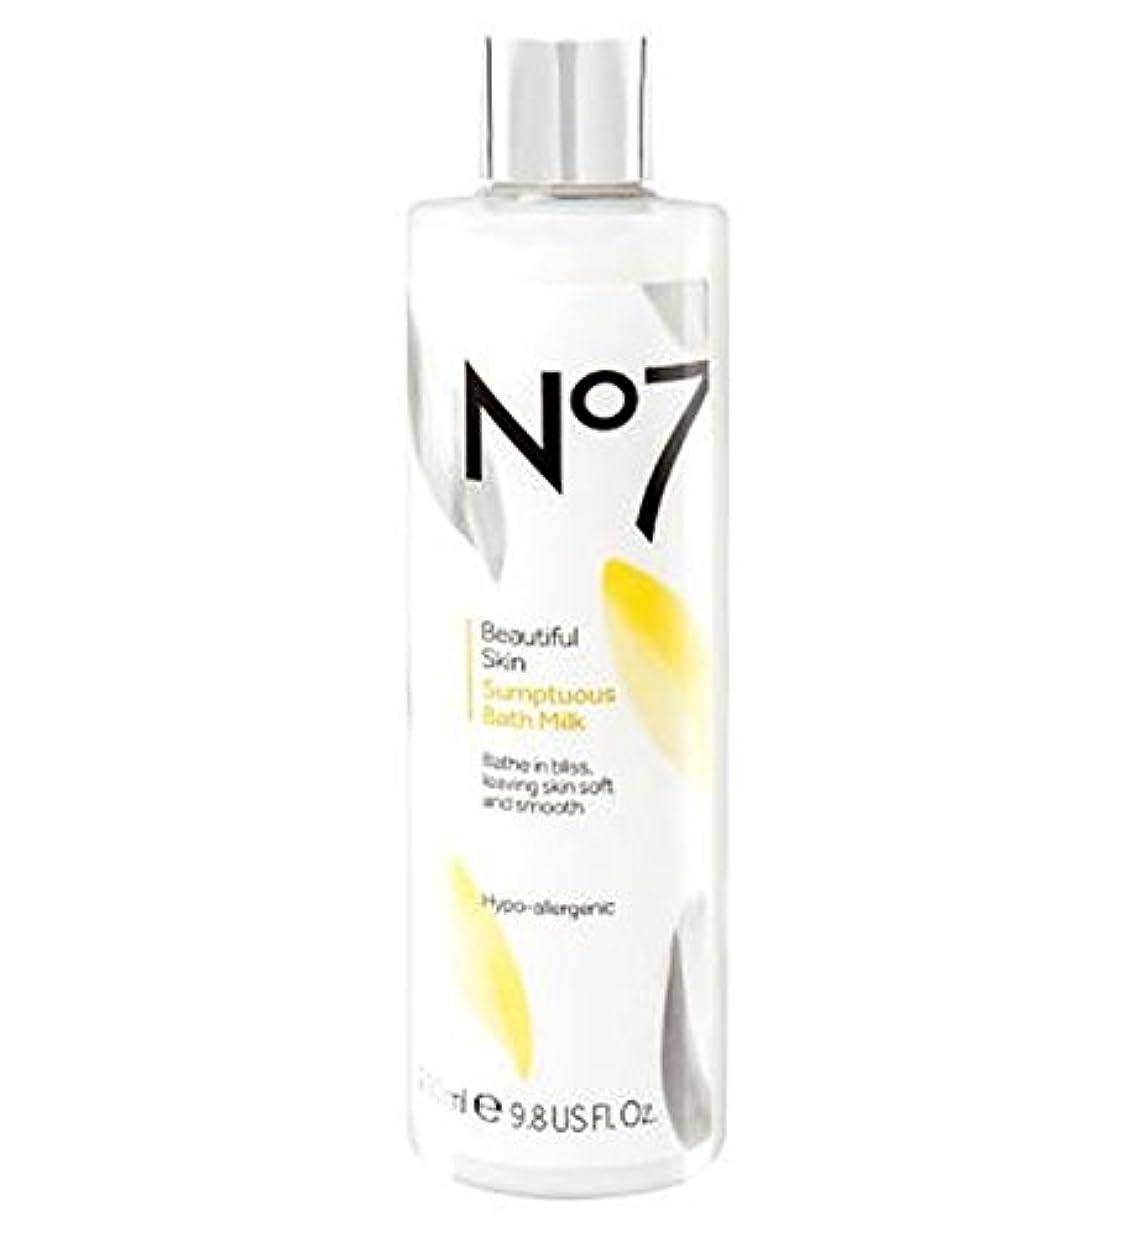 壮大な破壊的なピザNo7 Beautiful Skin Sumptuous Bath Milk - No7美しい肌豪華なバスミルク (No7) [並行輸入品]